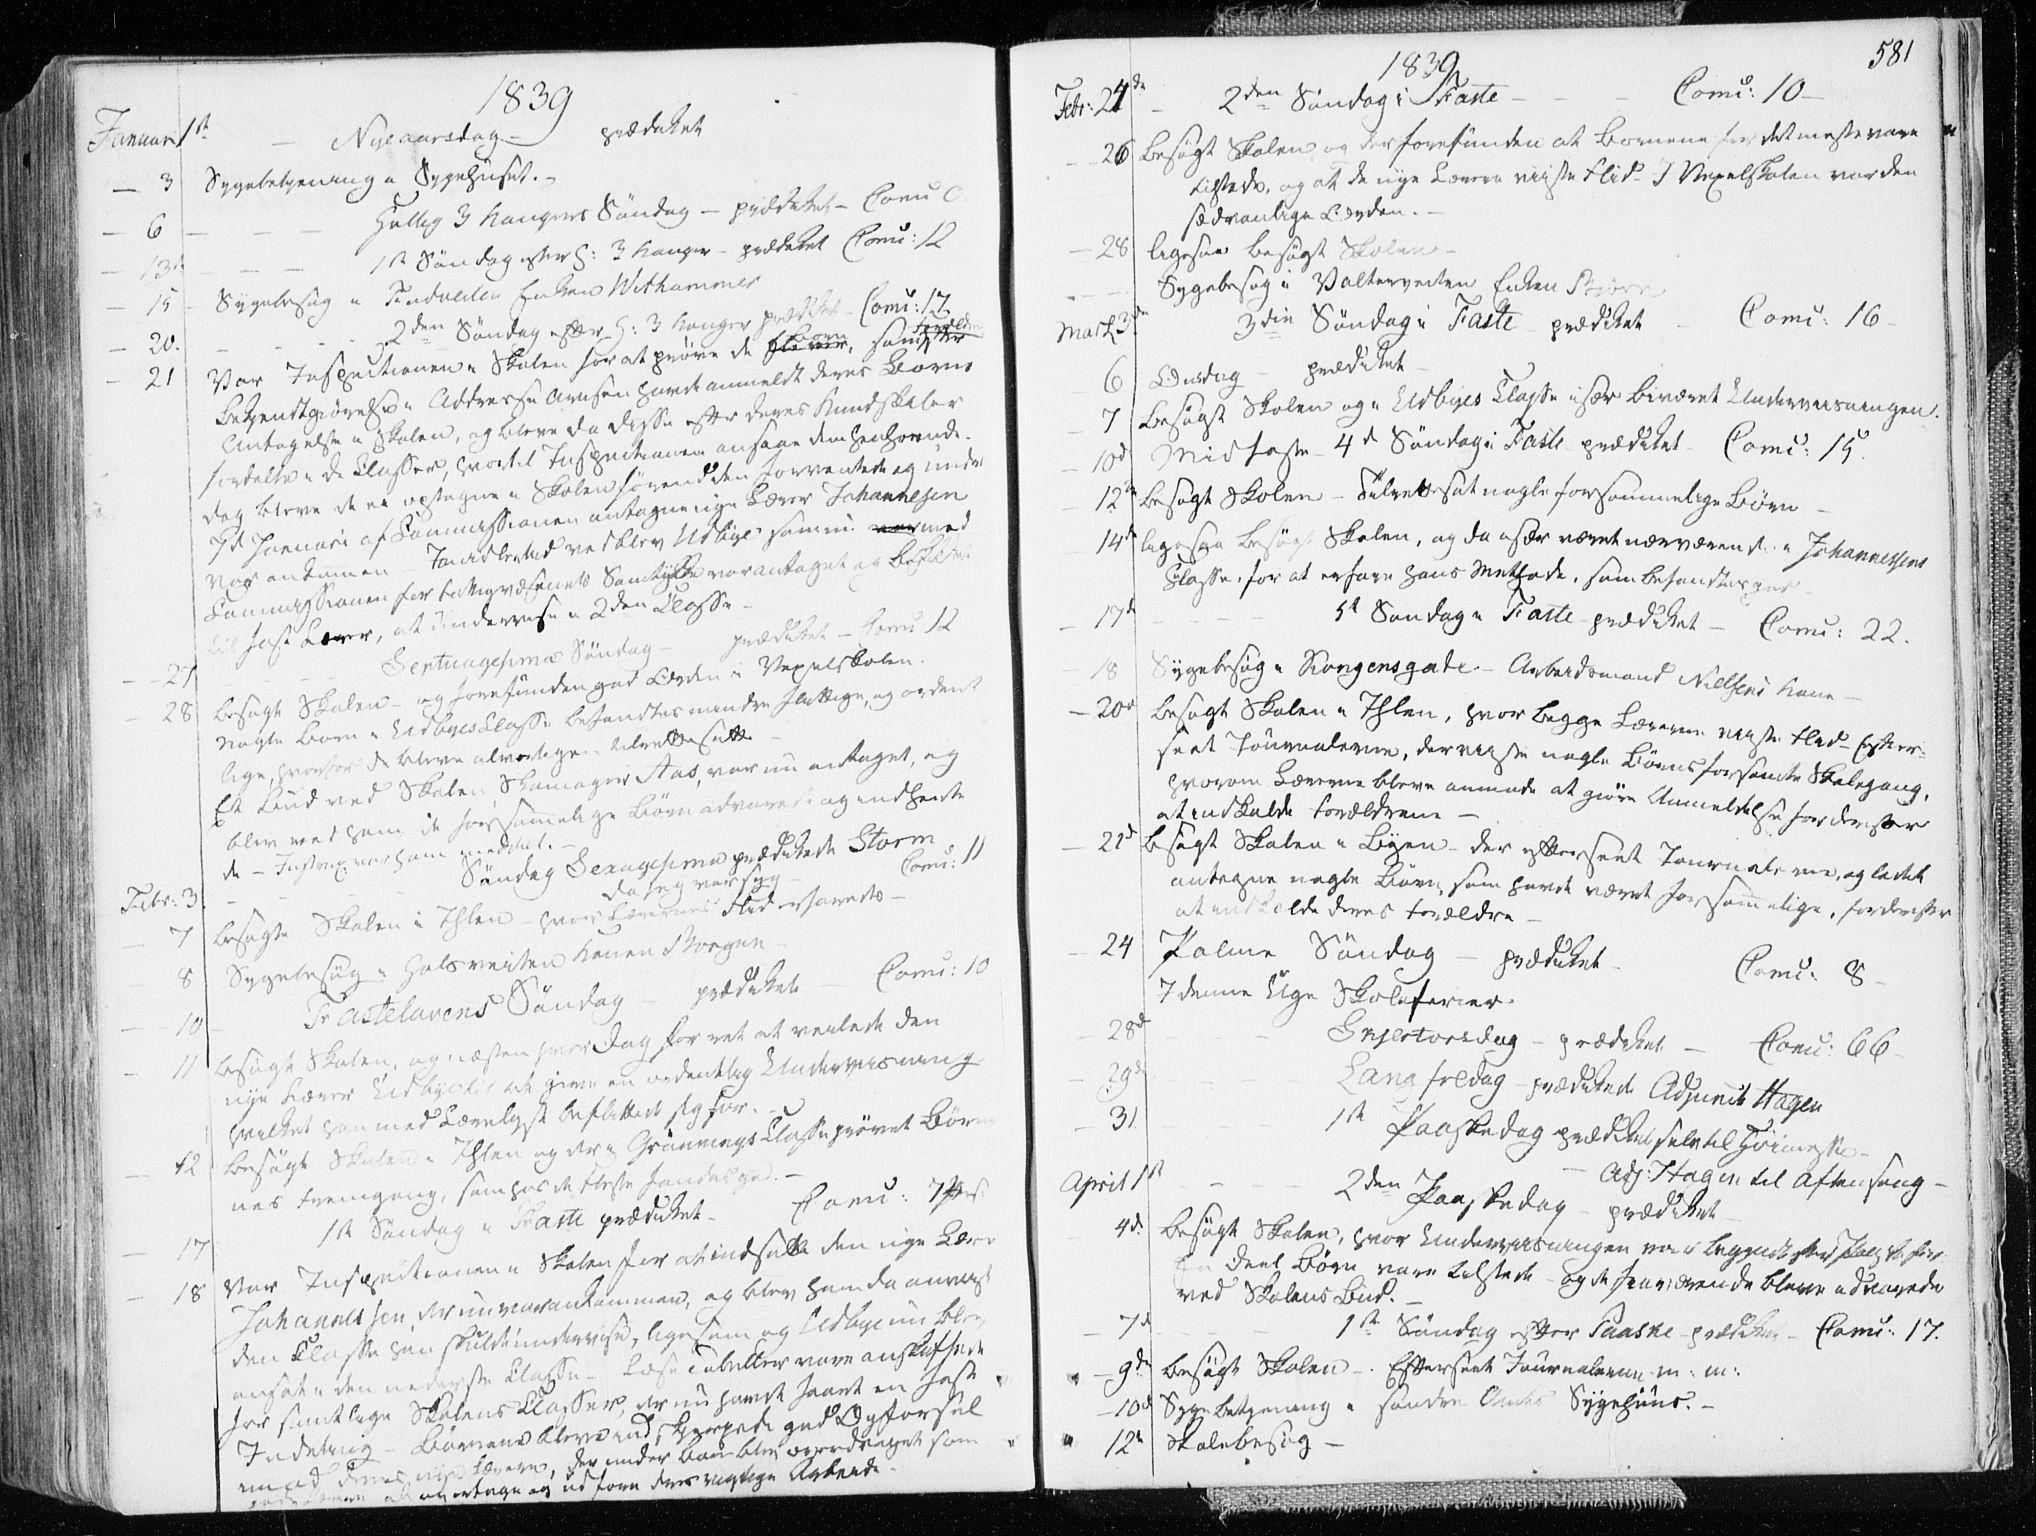 SAT, Ministerialprotokoller, klokkerbøker og fødselsregistre - Sør-Trøndelag, 601/L0047: Ministerialbok nr. 601A15, 1831-1839, s. 581